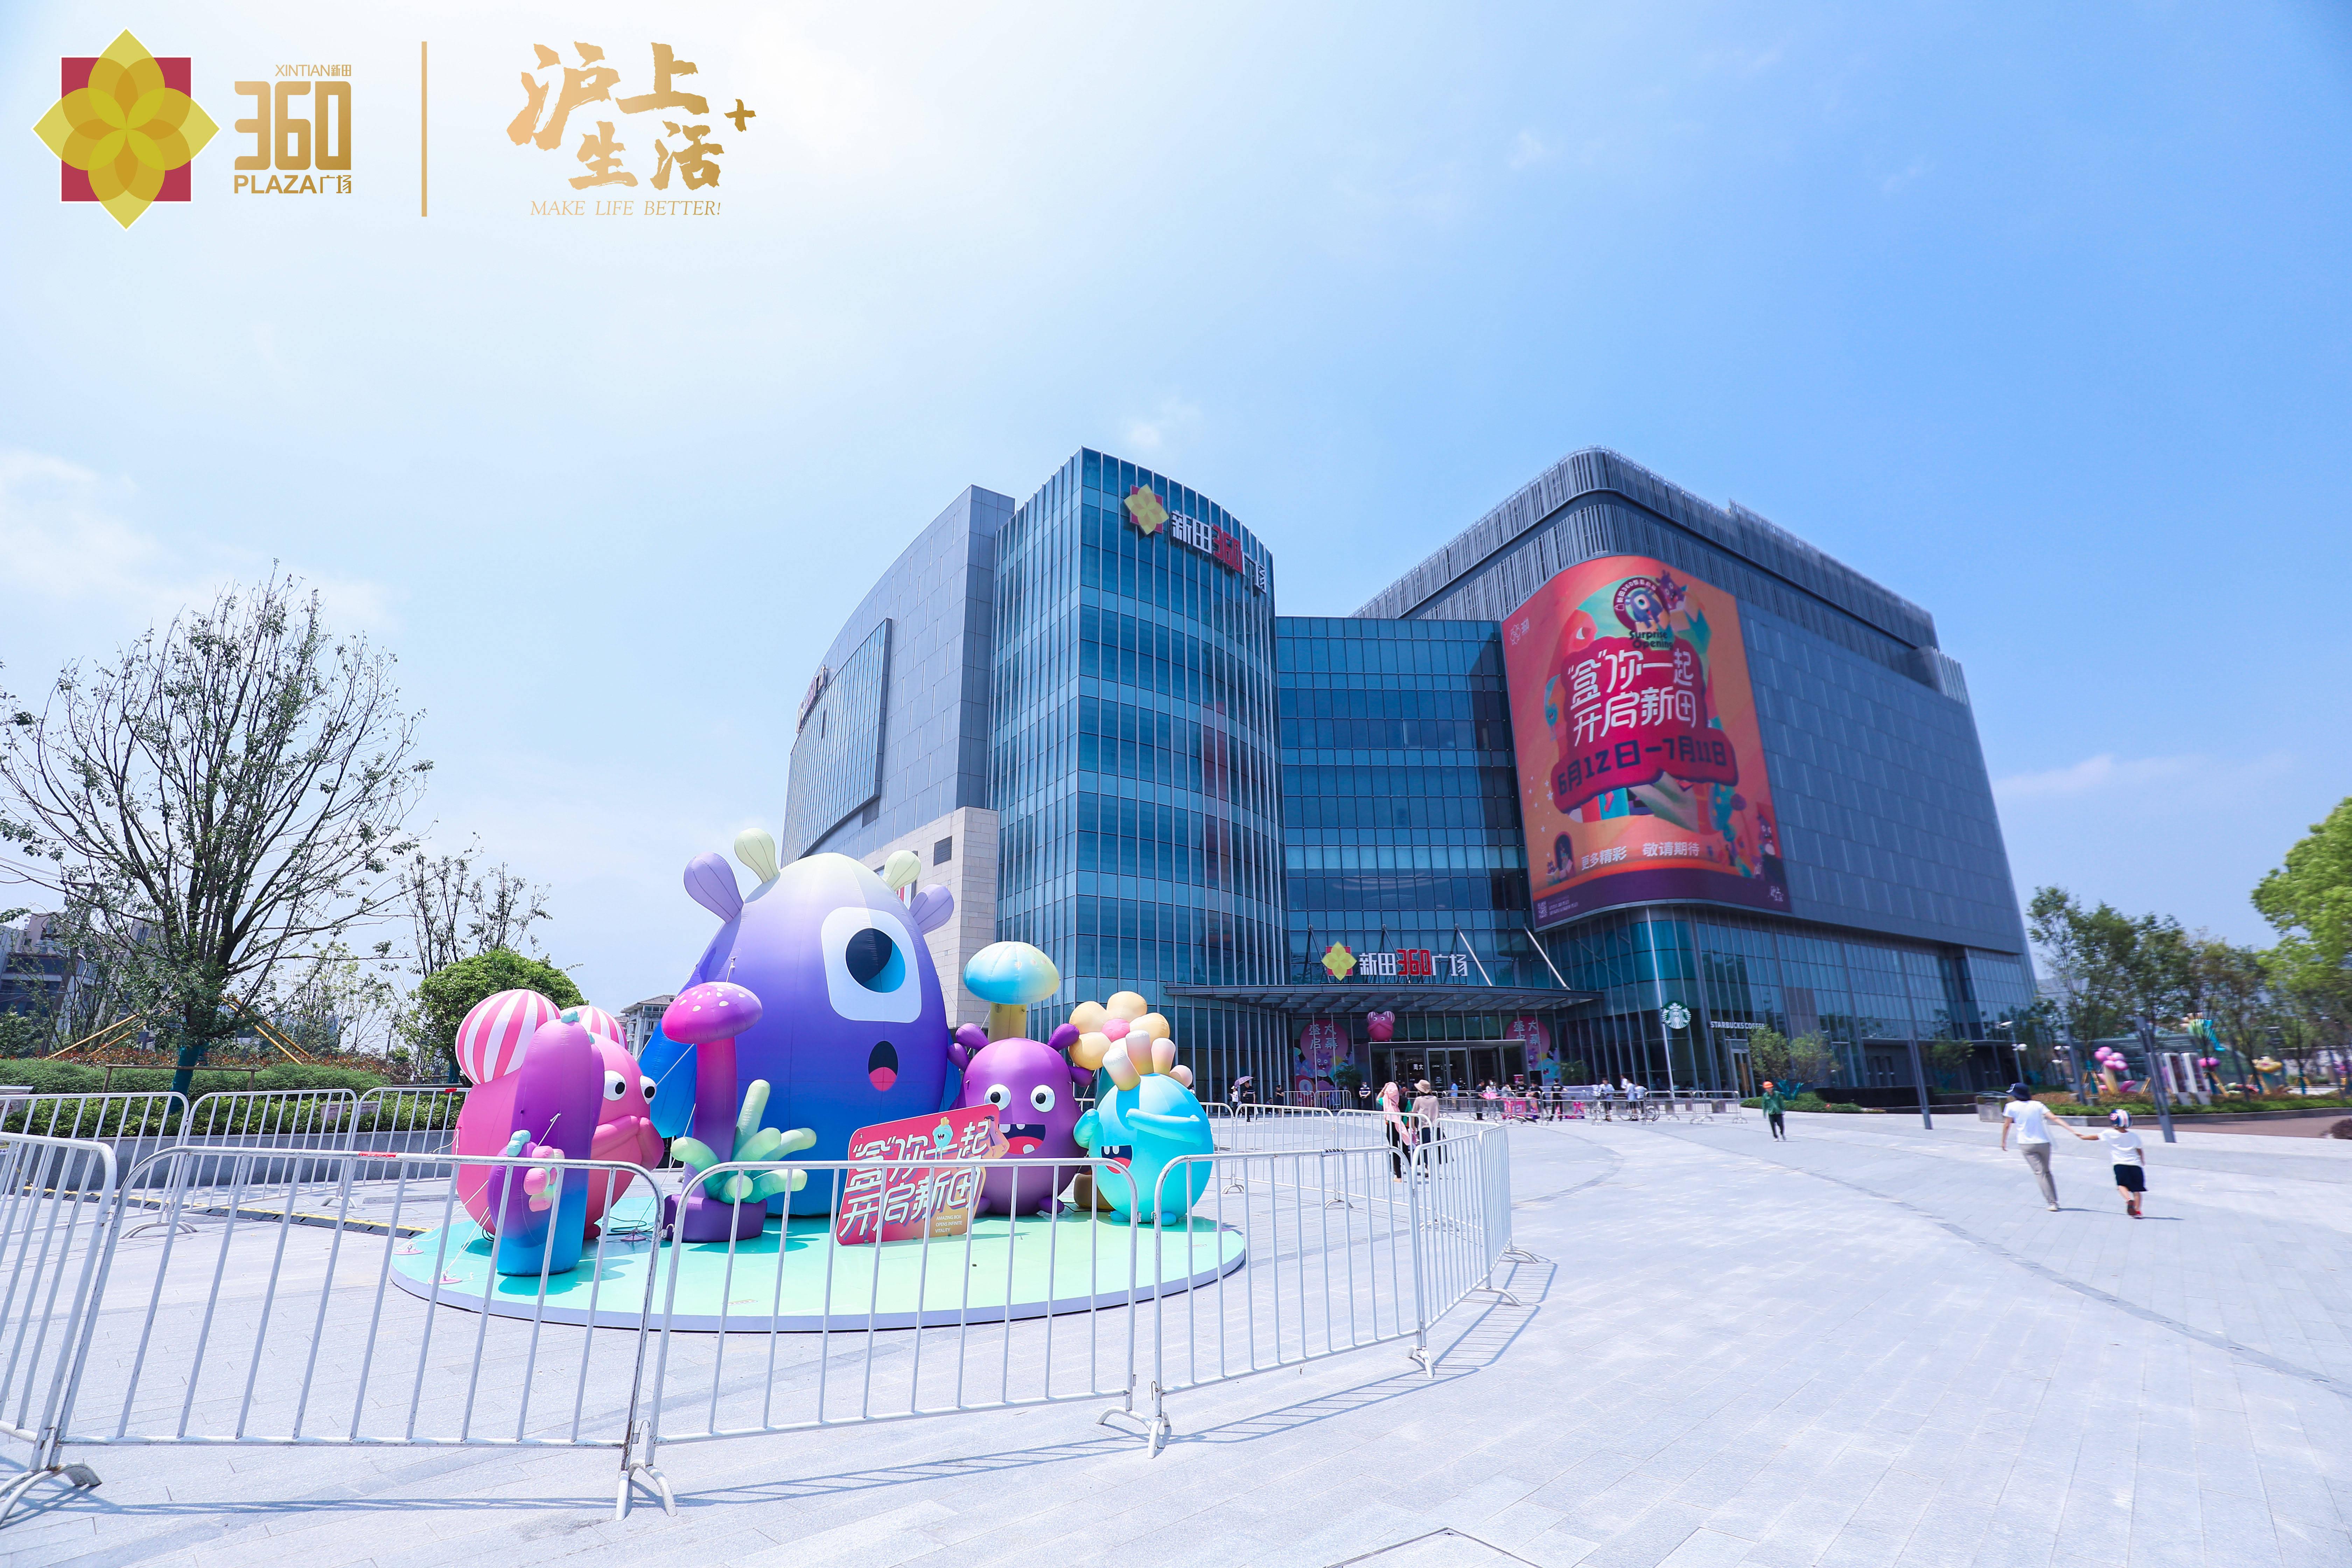 沪上新田 开启未来 新田360广场【上海康桥店】打造品质社交生活空间